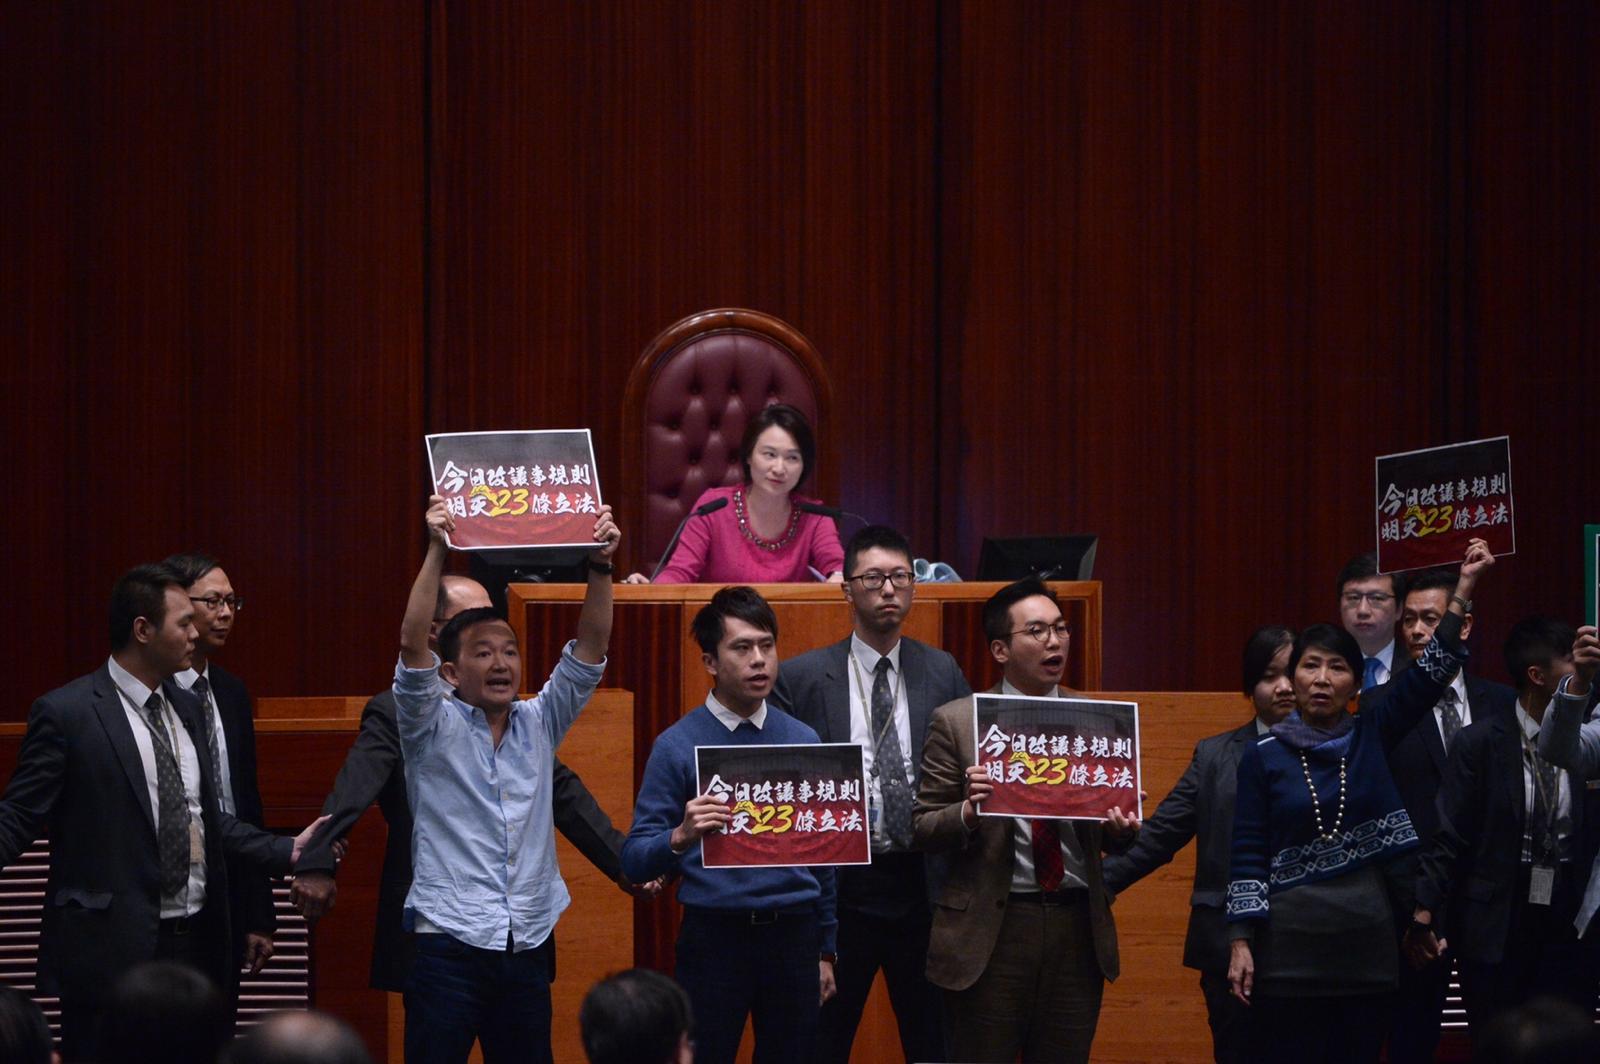 代主席李慧琼宣布暫停會議。